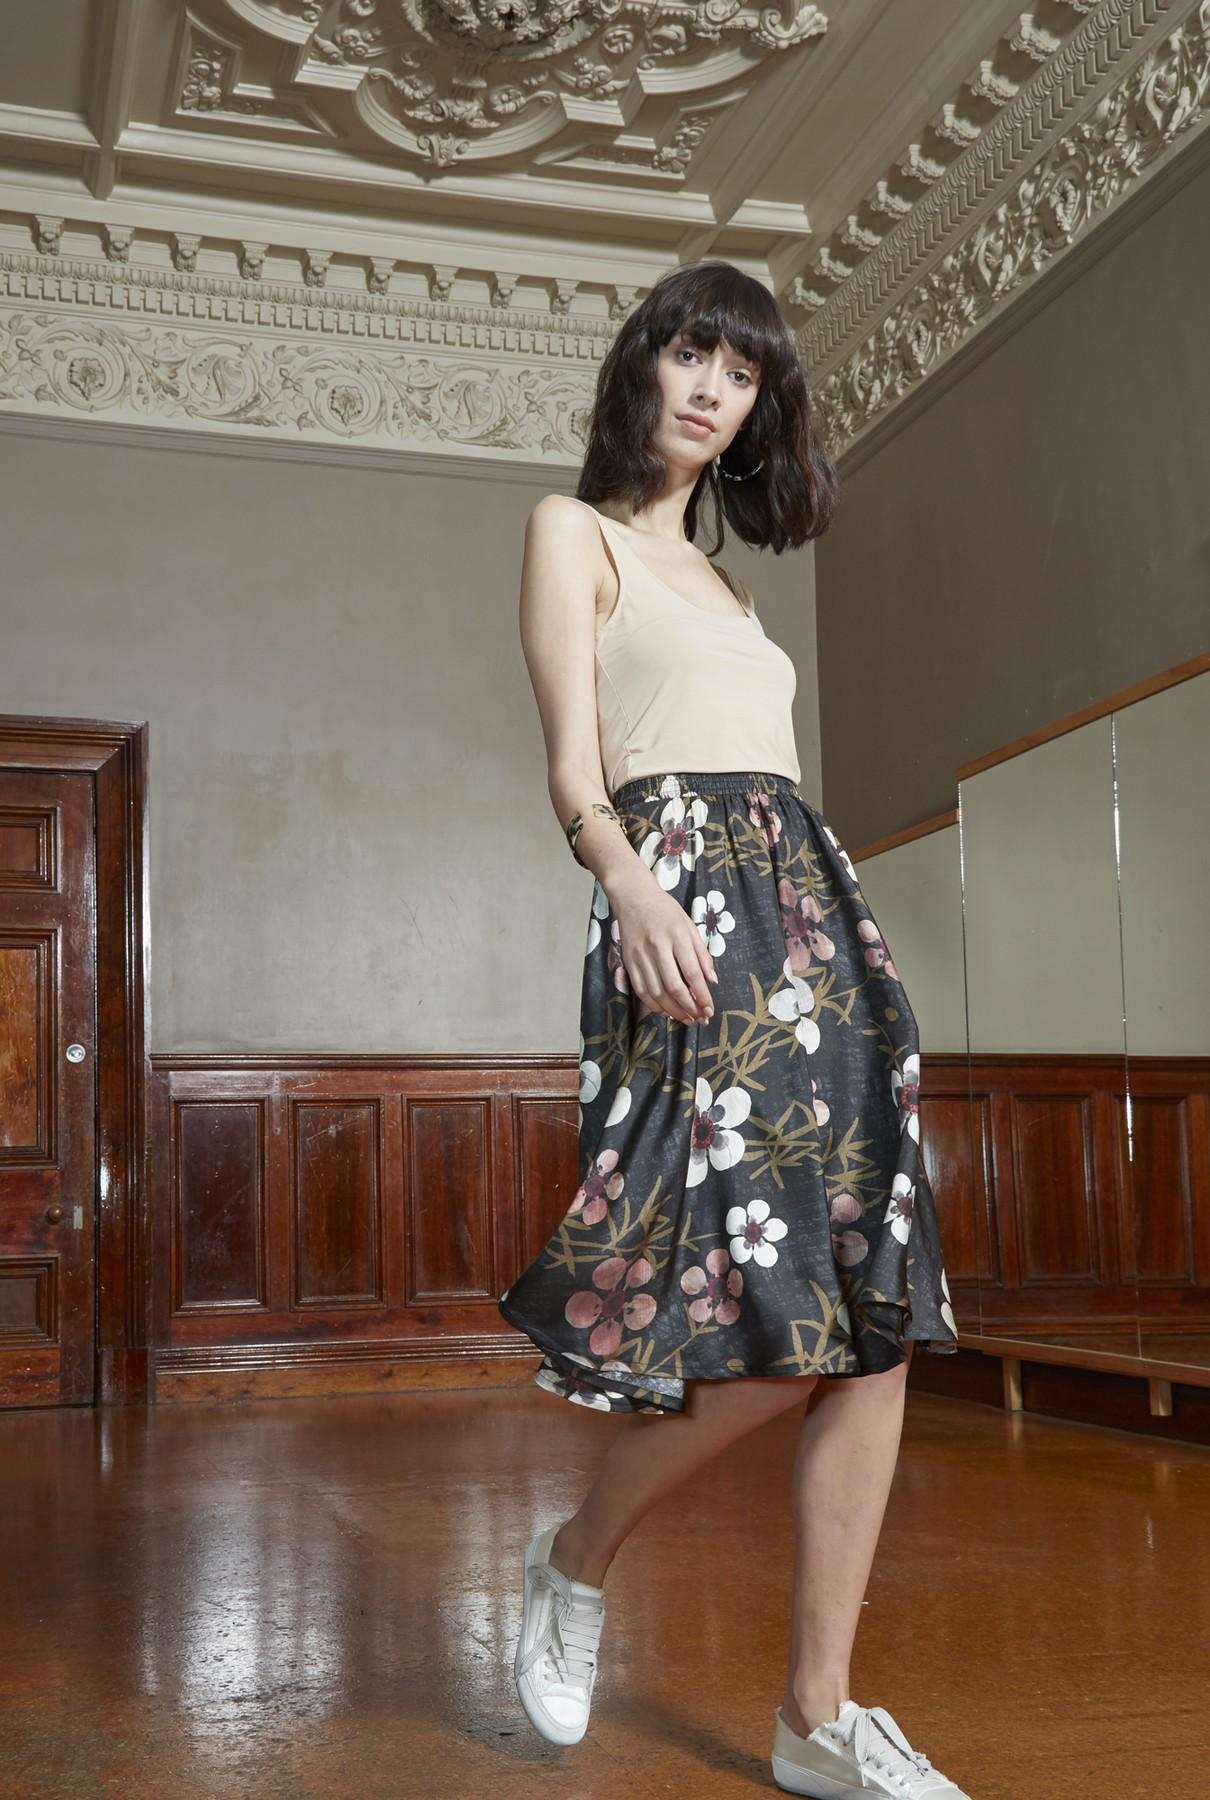 Dancing Skirt 2.jpg